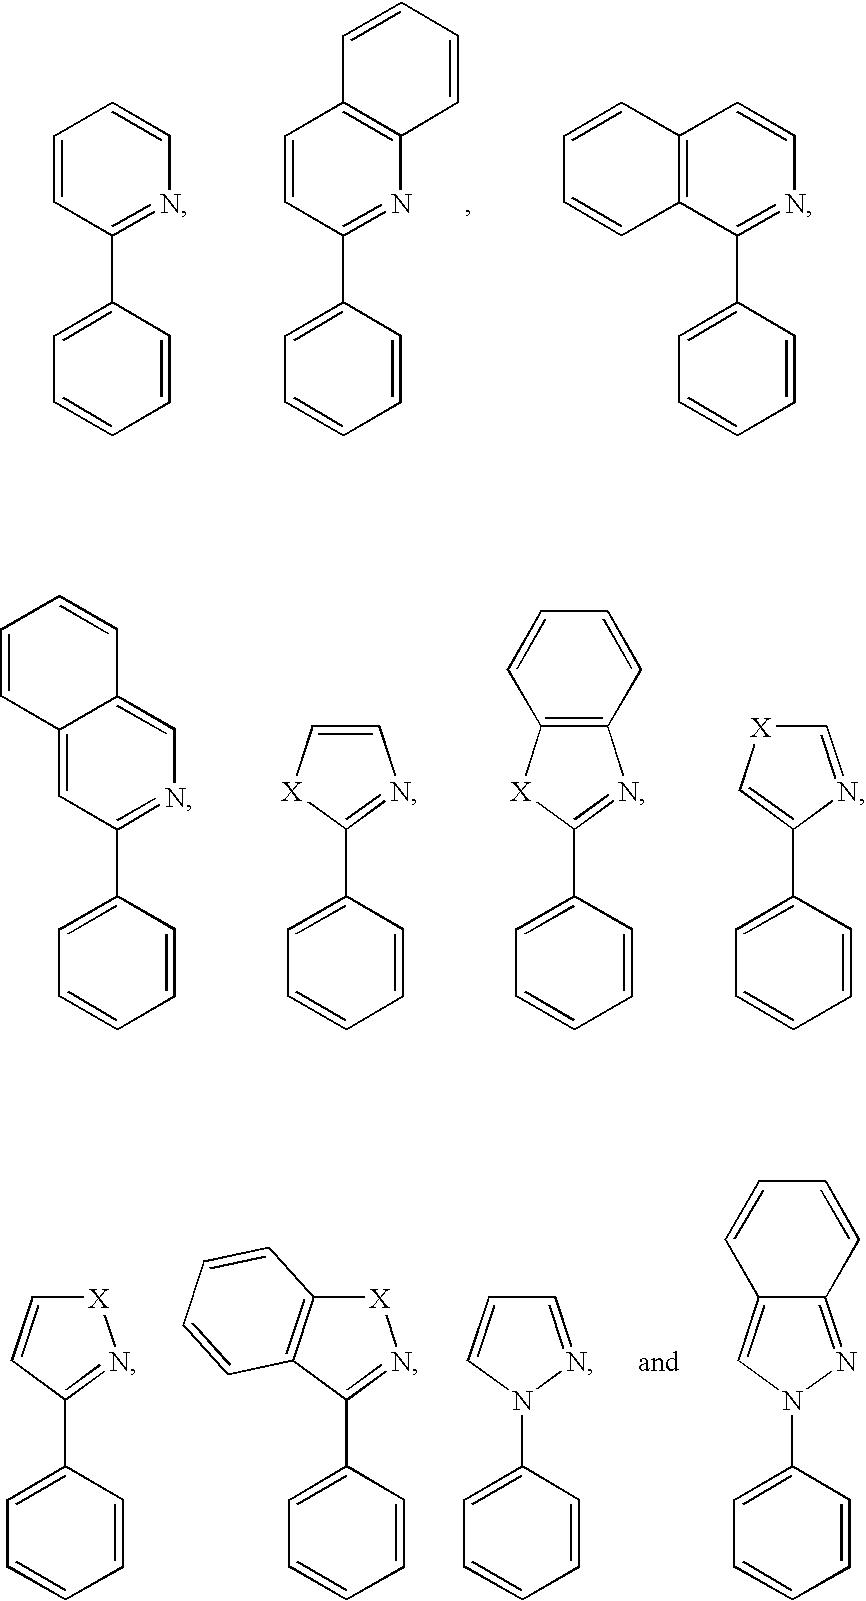 Figure US20100090591A1-20100415-C00019